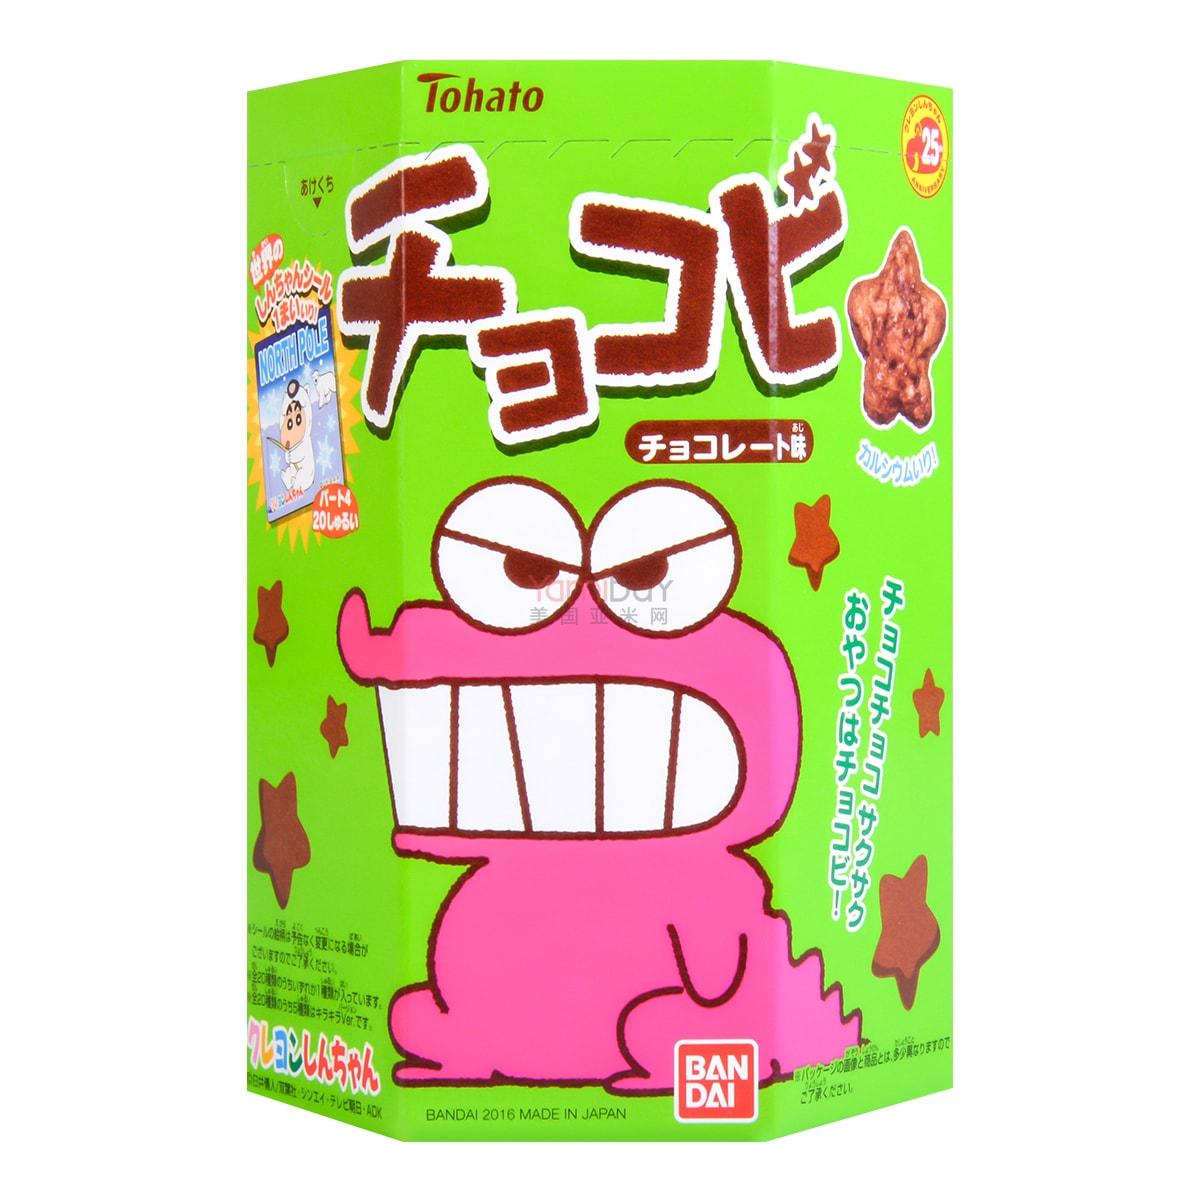 日本TOHATO桃哈多 蜡笔小新饼干 巧克力味 25g